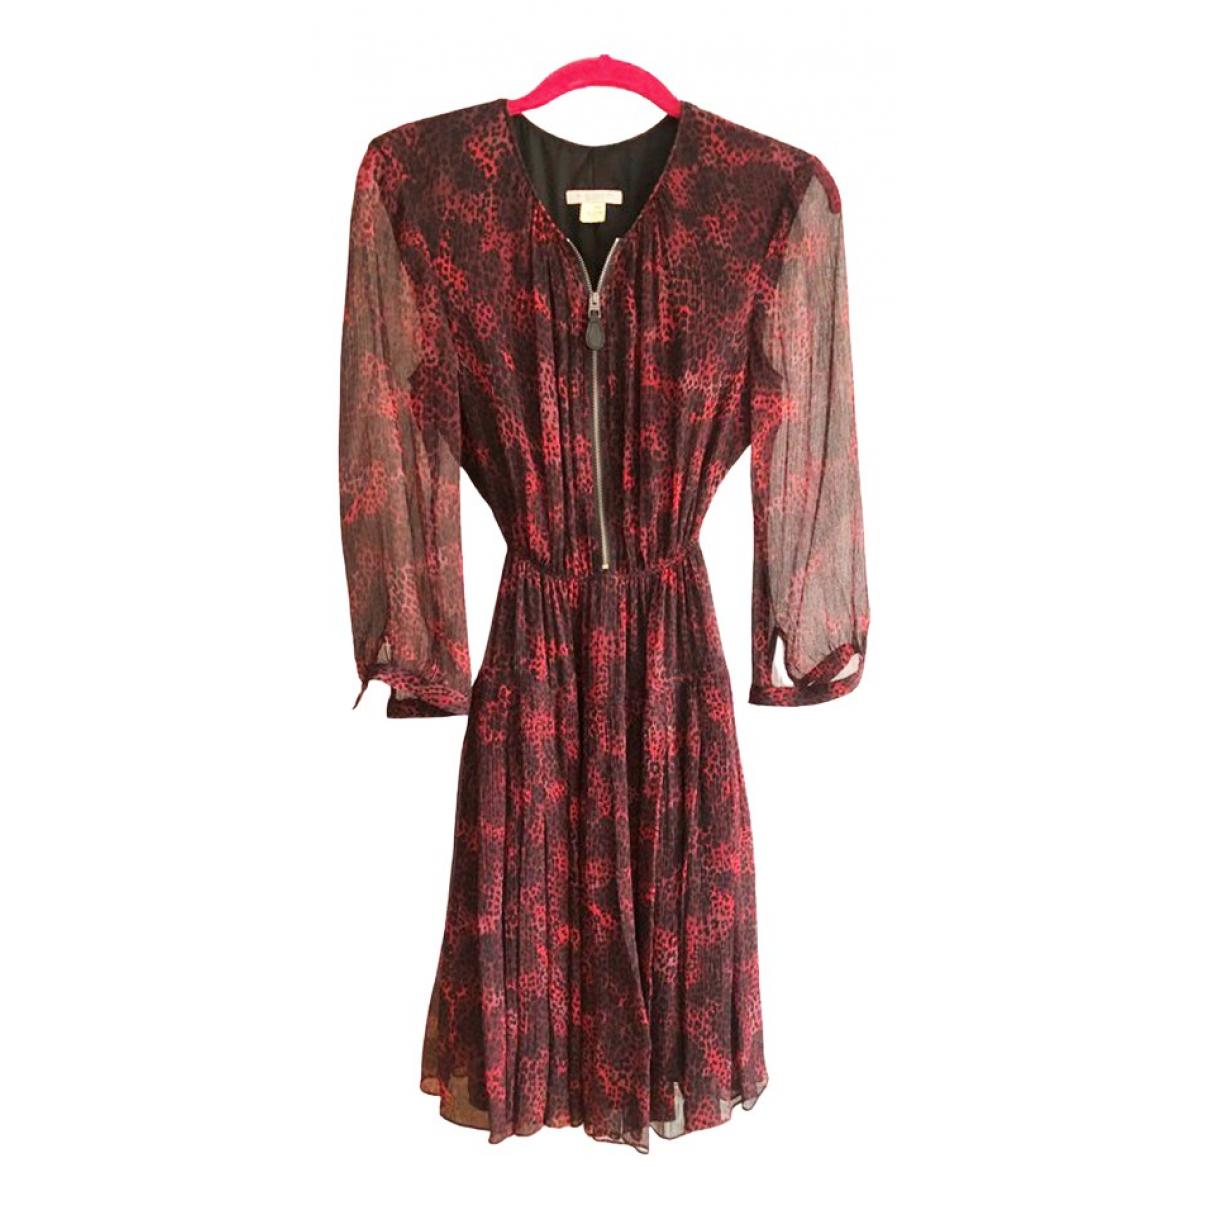 Burberry \N Kleid in  Bordeauxrot Seide